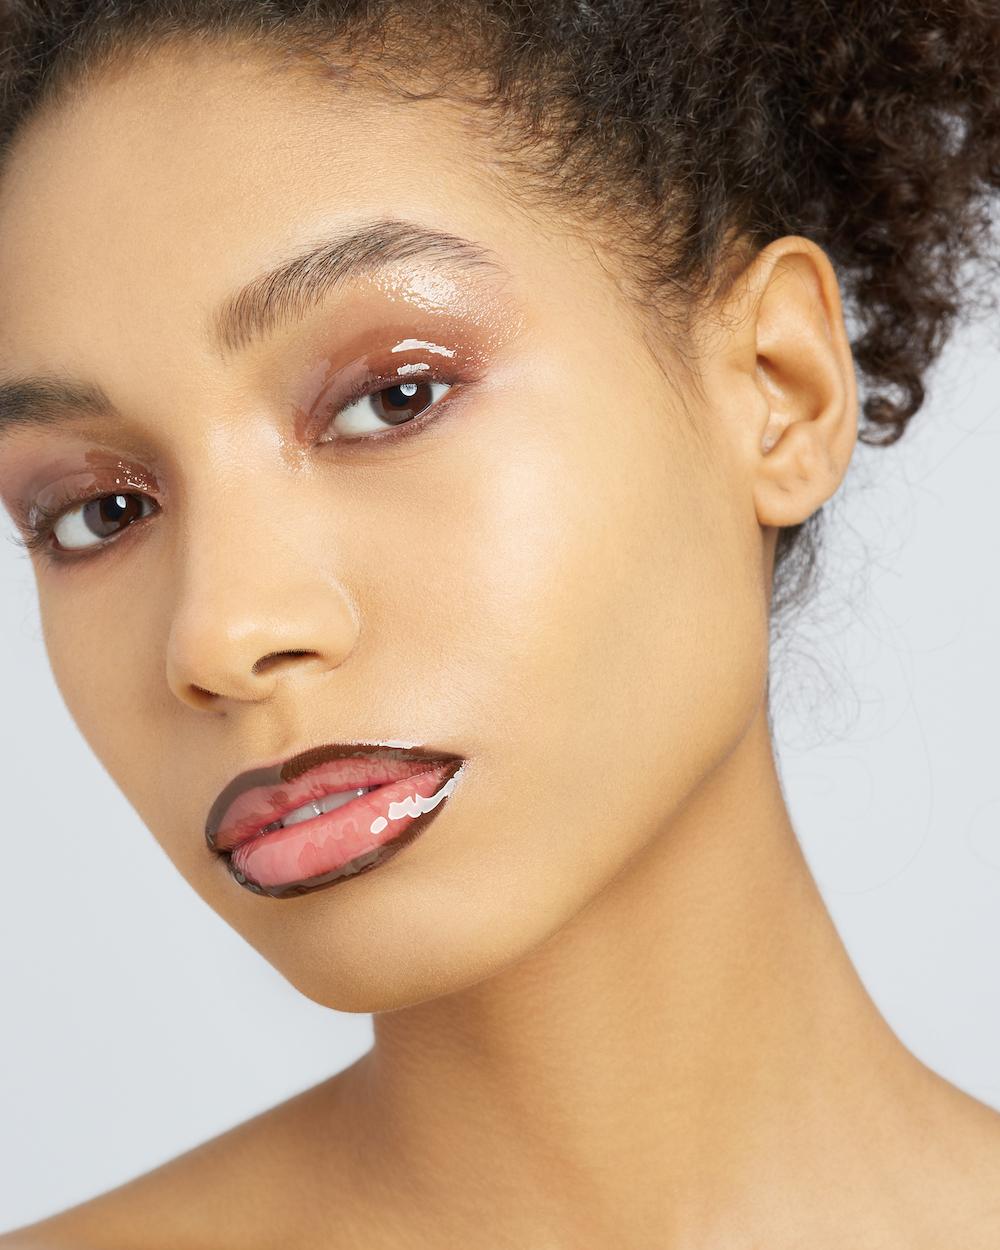 Глянцевый макияж